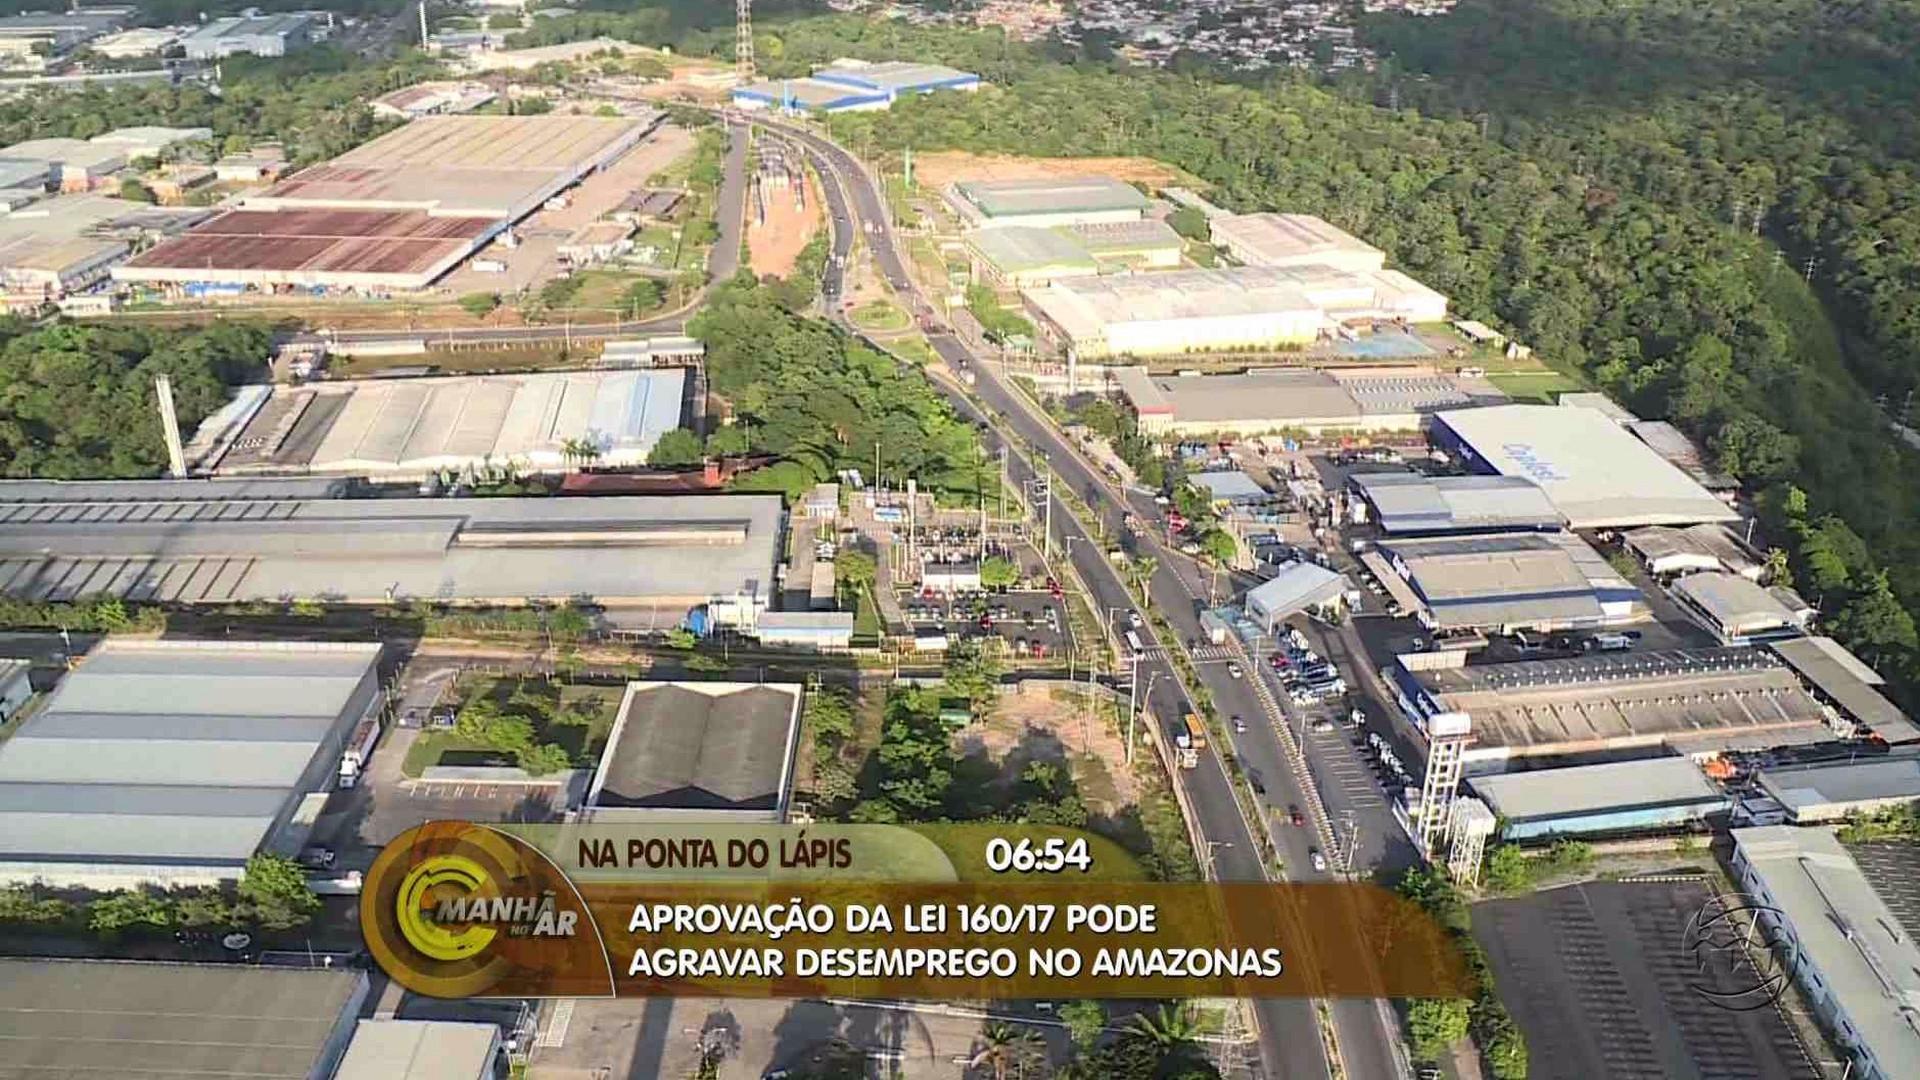 DESEMPREGO: LEI LIBERA OS ESTADOS BRASILEIROS PARA BAIXAR O ICMS - Manhã no Ar 16/08/17 - Manhã no Ar 16/08/2017